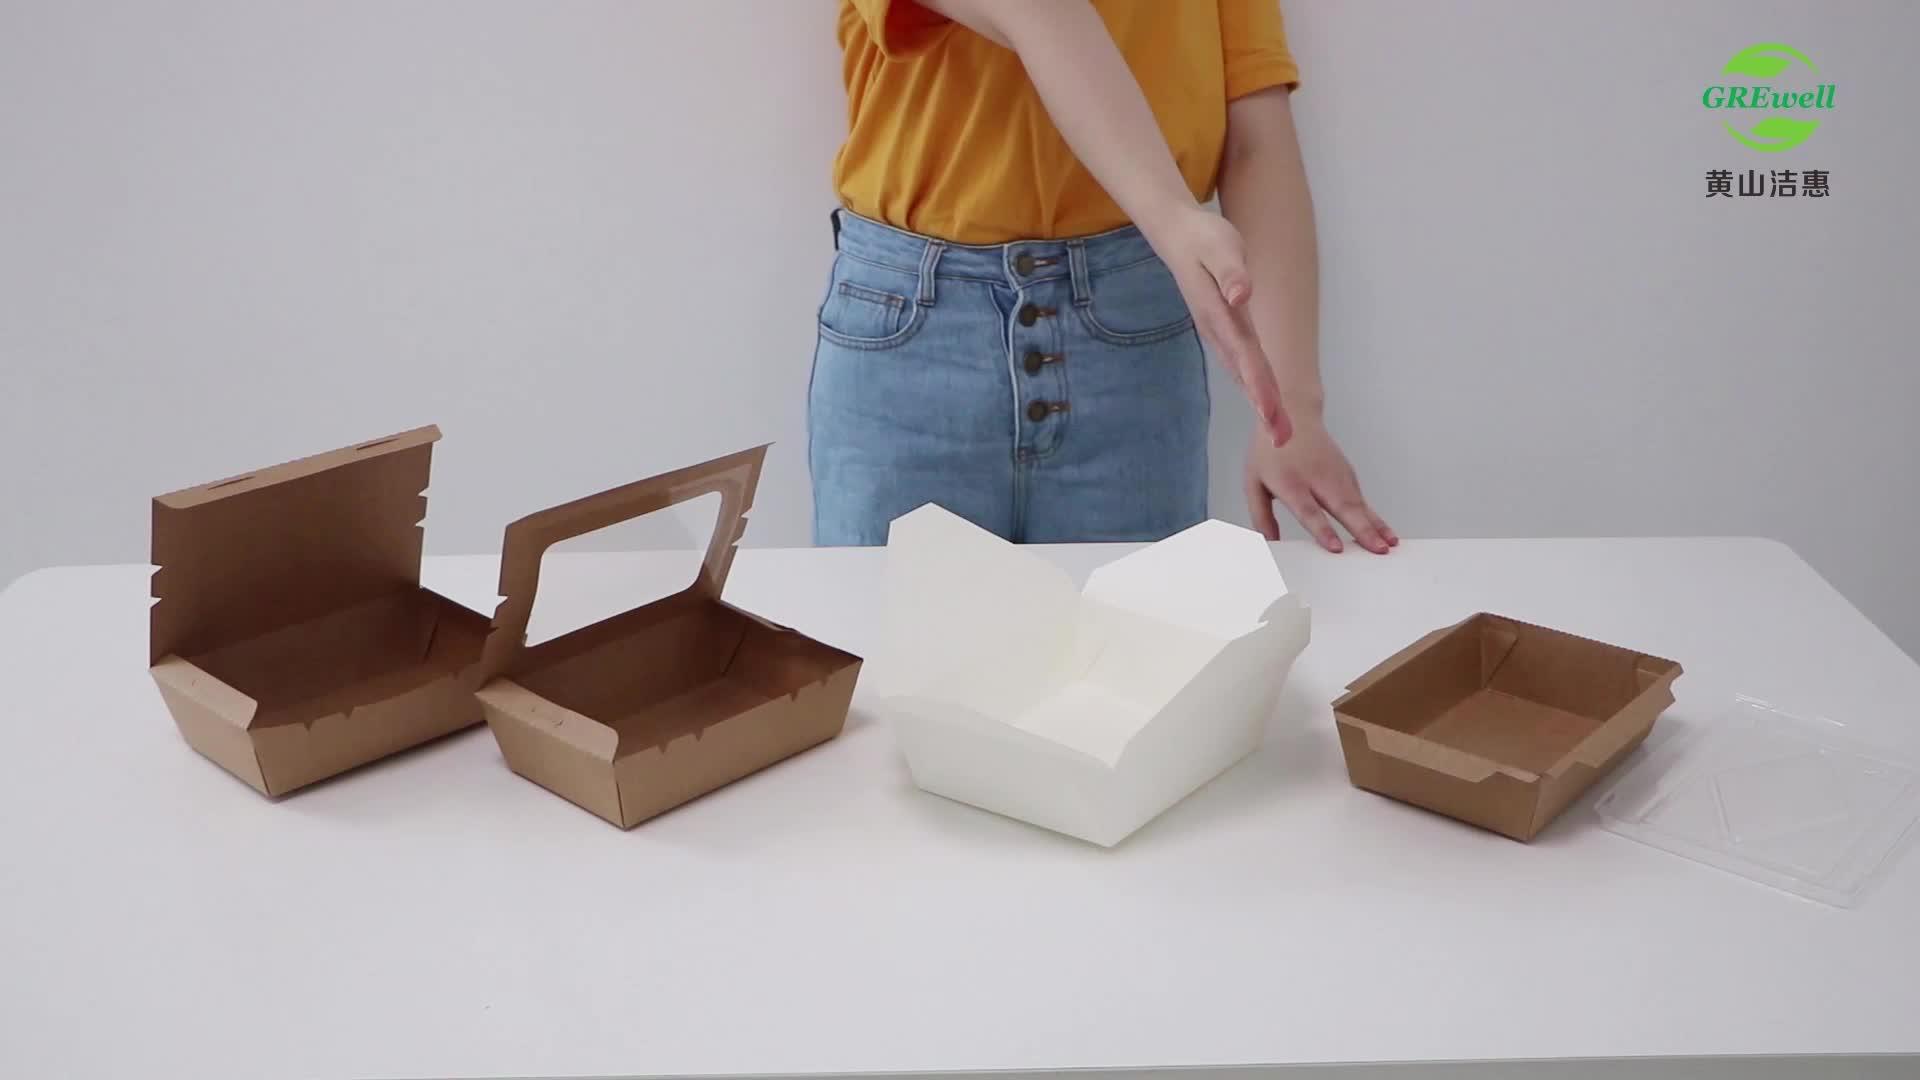 מזון מכולות חד פעמי מודפס מהיר מזון לקחת משם נייר סירת מזון מגשים